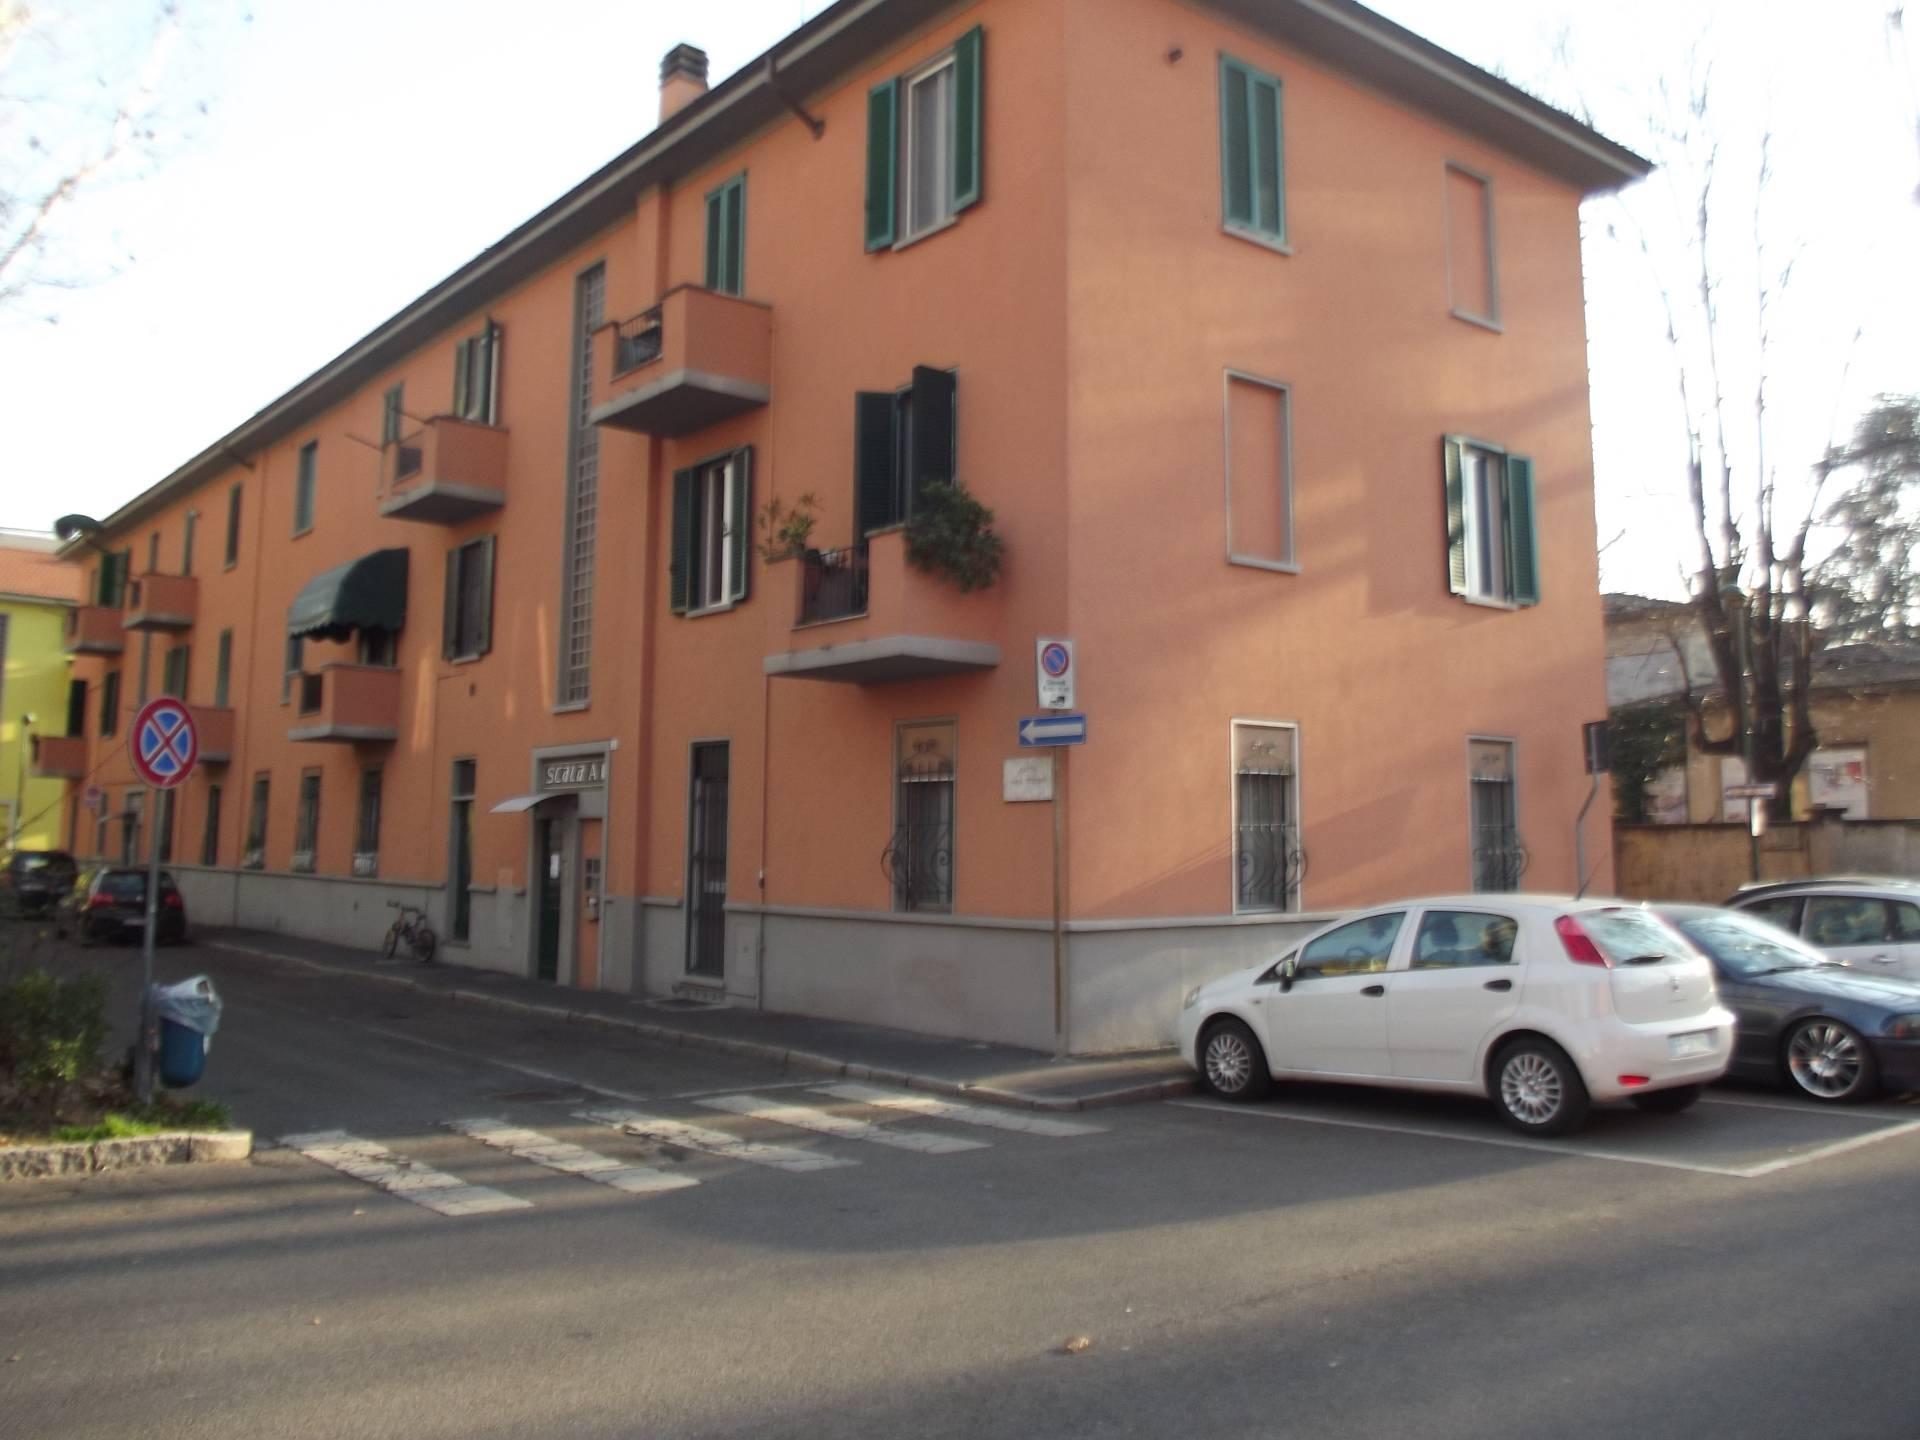 Sesto San Giovanni   Appartamento in Vendita in Piazza Galli   lacasadimilano.it